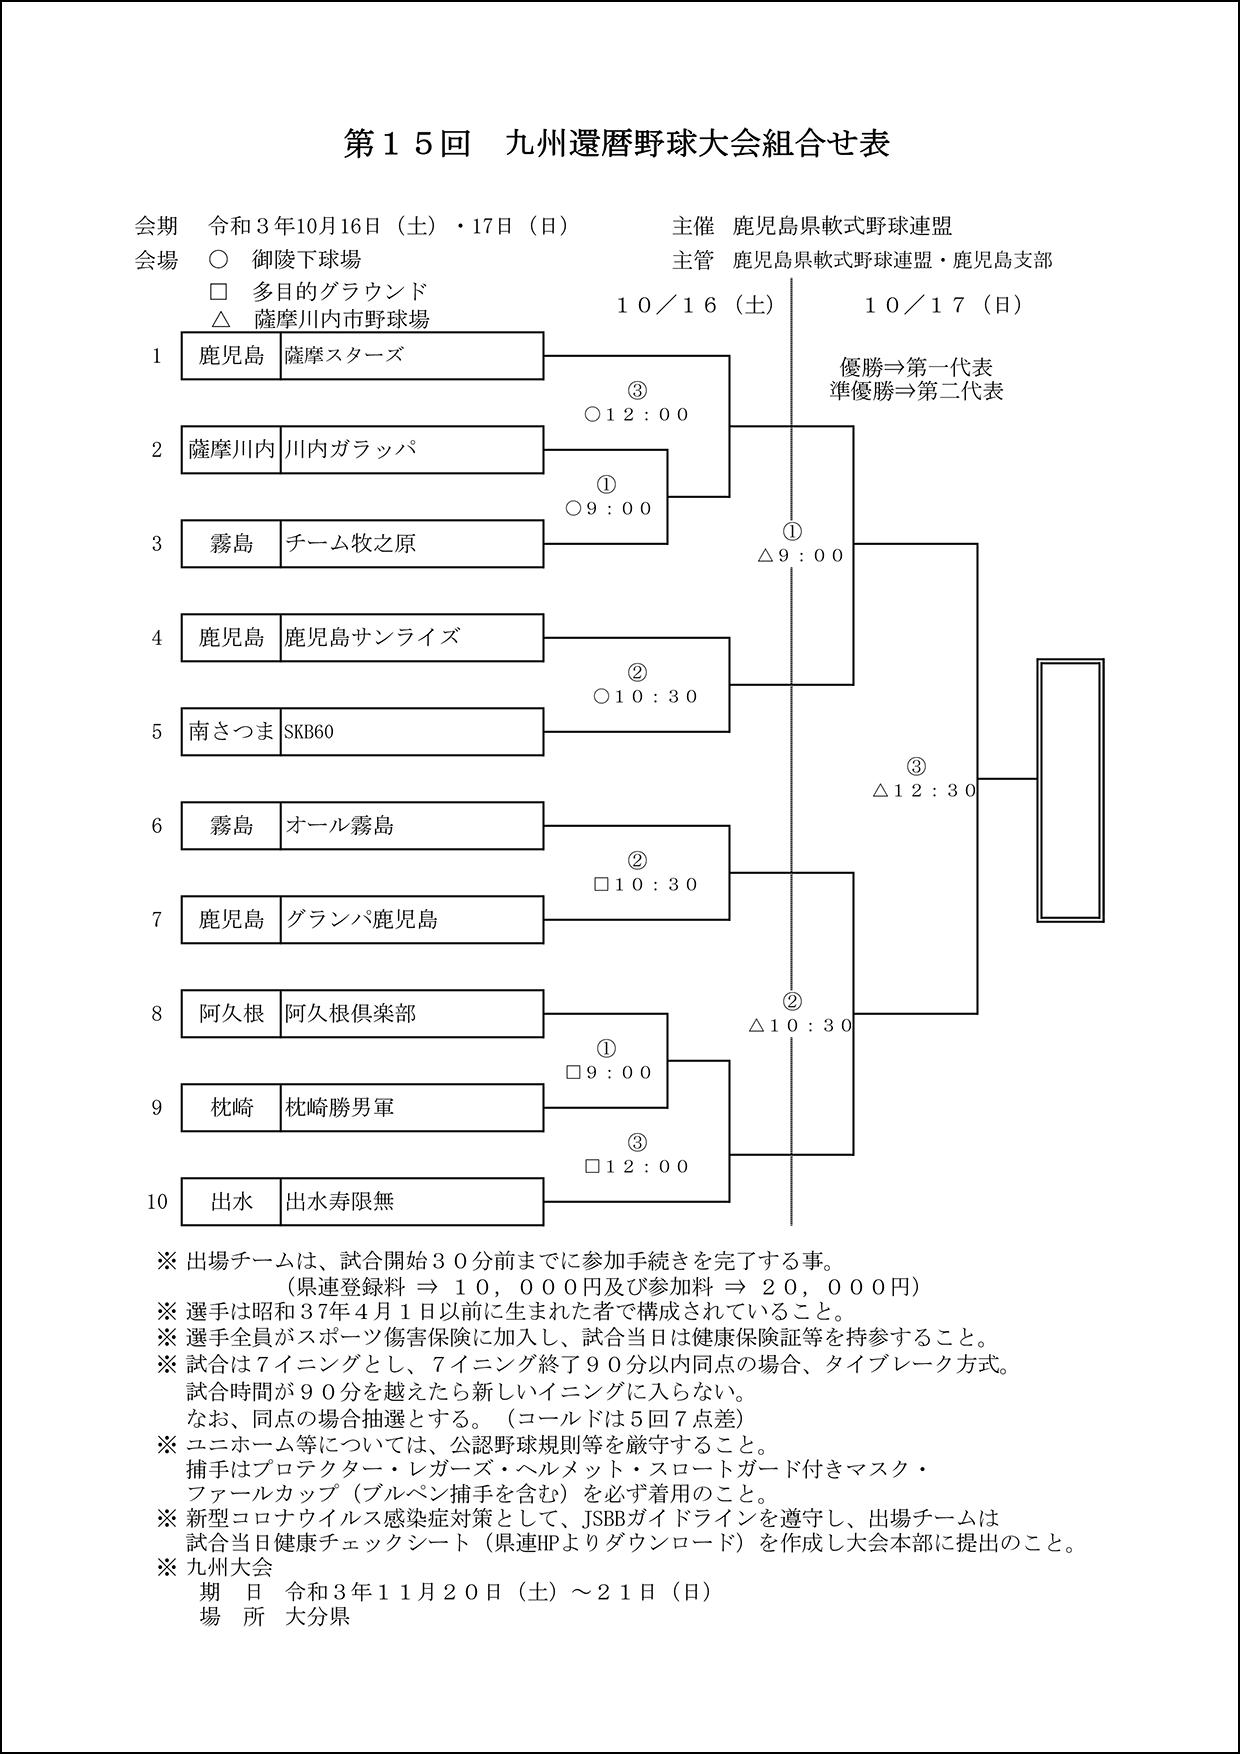 【組合せ】第15回九州還暦野球大会